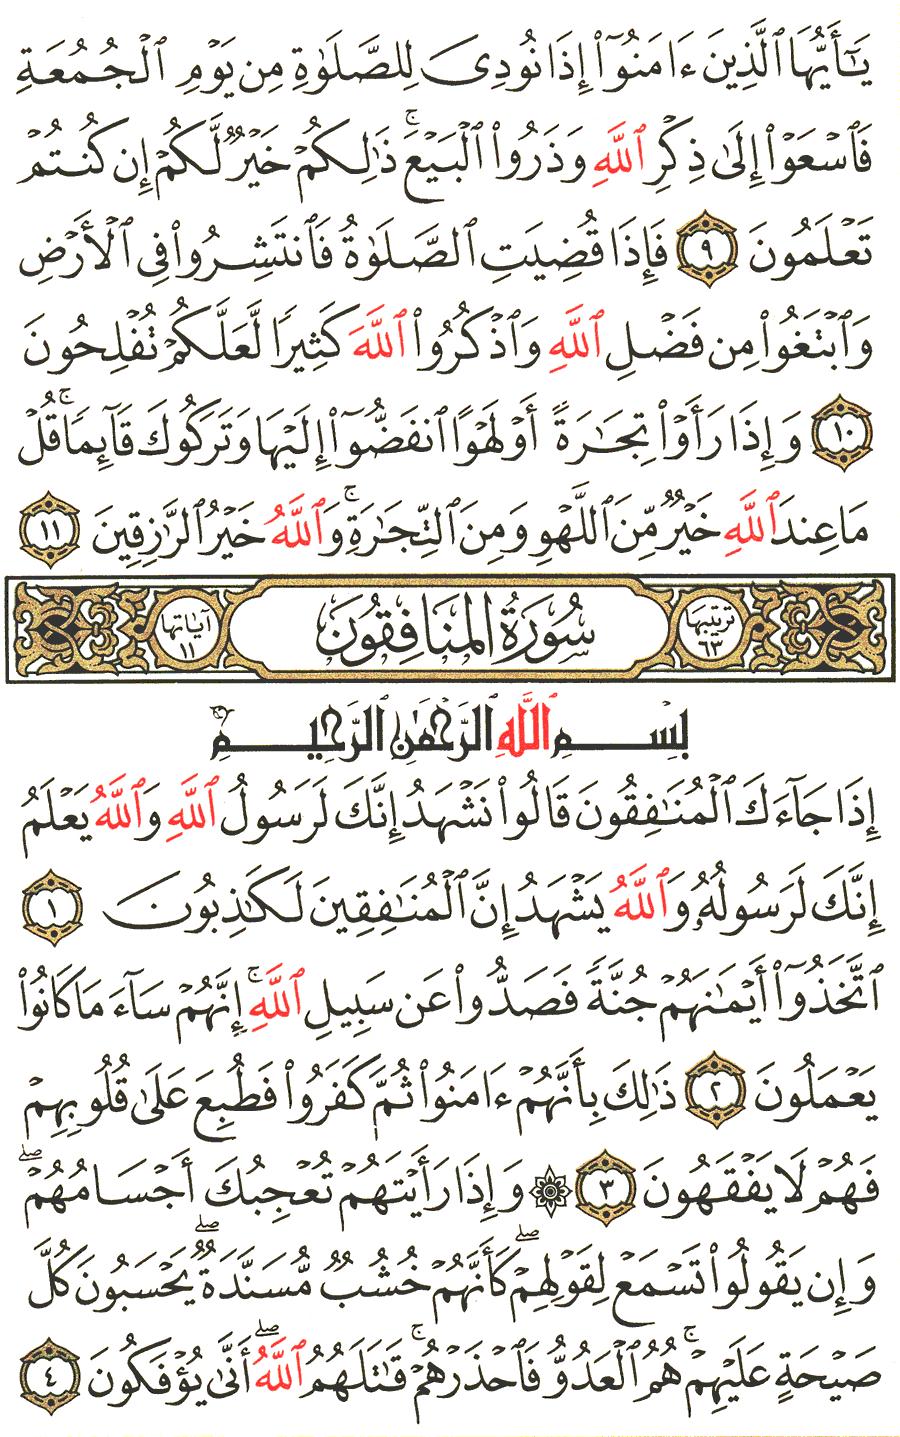 الصفحة رقم 554 من القرآن الكريم مكتوبة من المصحف